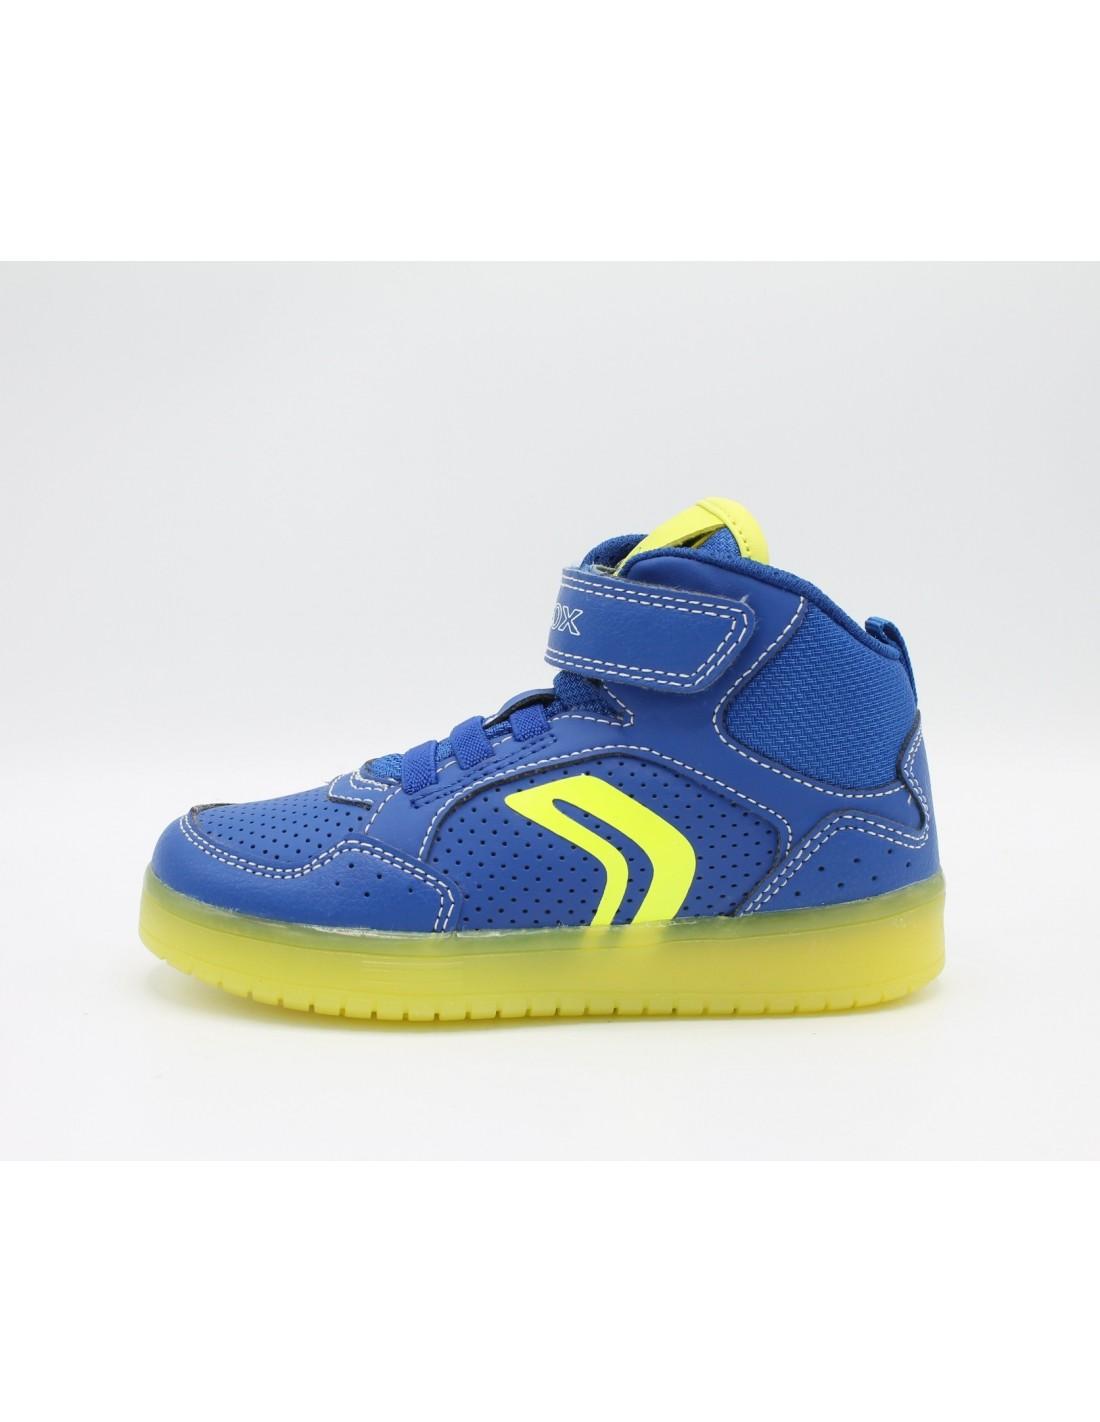 Con Sneakers Da Led Geox Alte Luci Kommodor Bambino Strappo Scarpe qxUTHf